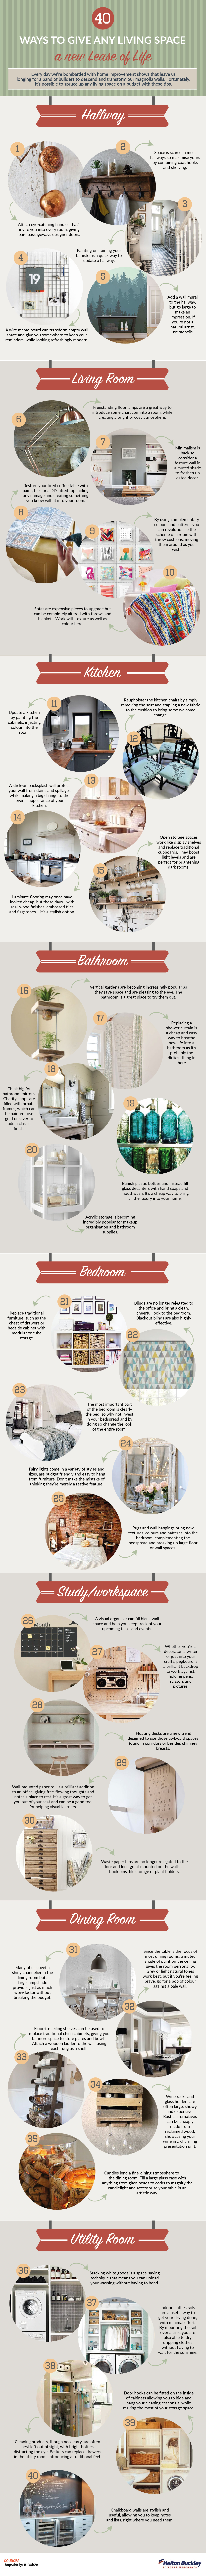 interior design infographic